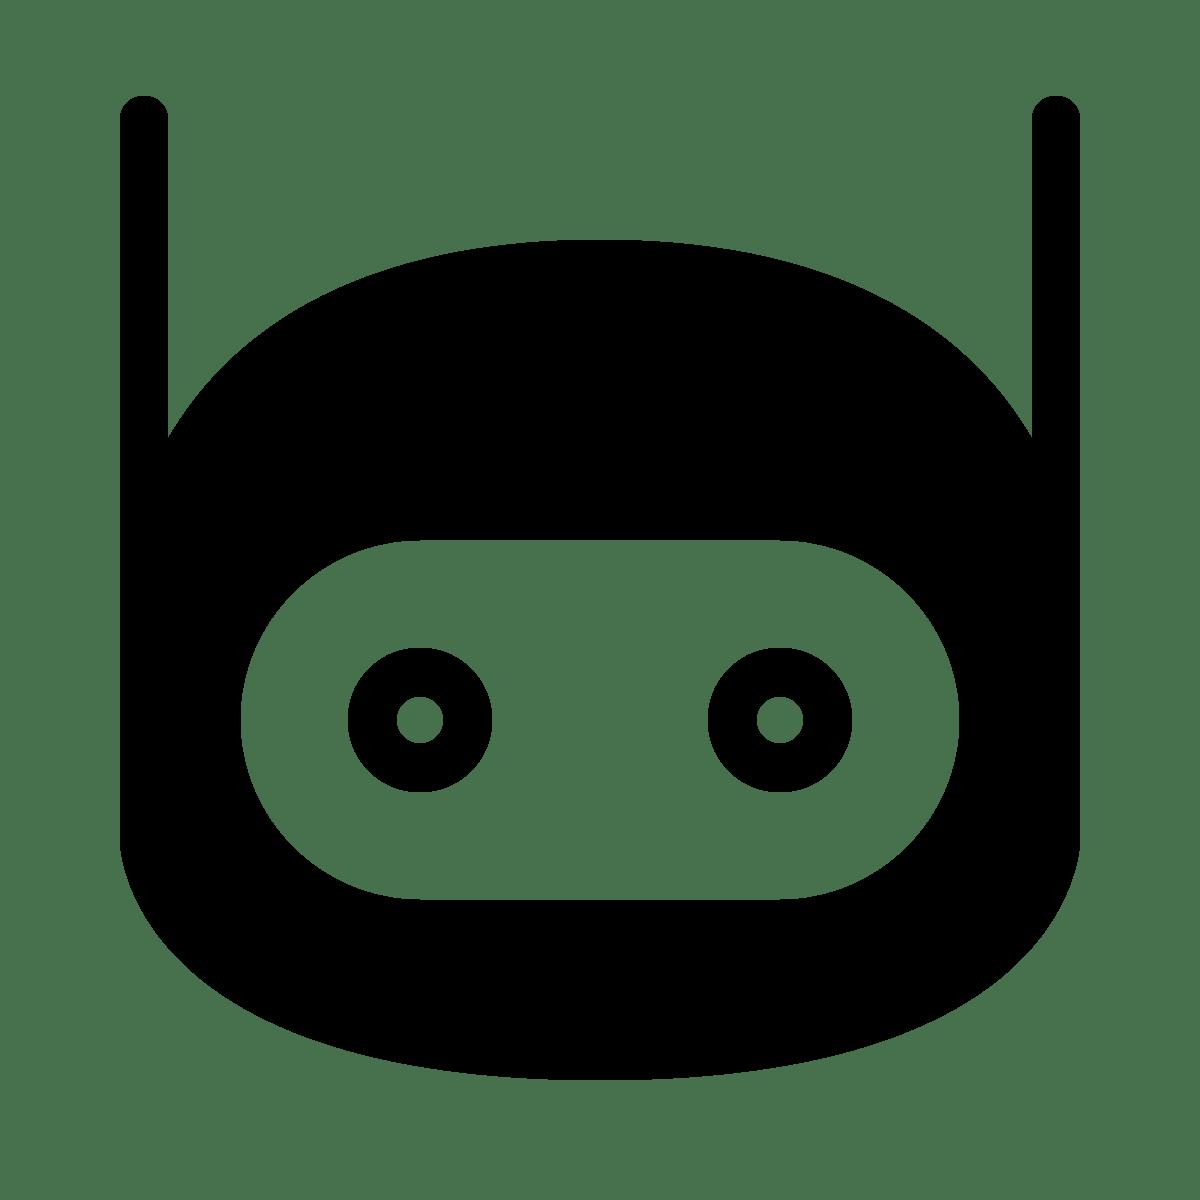 Bot Eyes Awe transparent PNG.